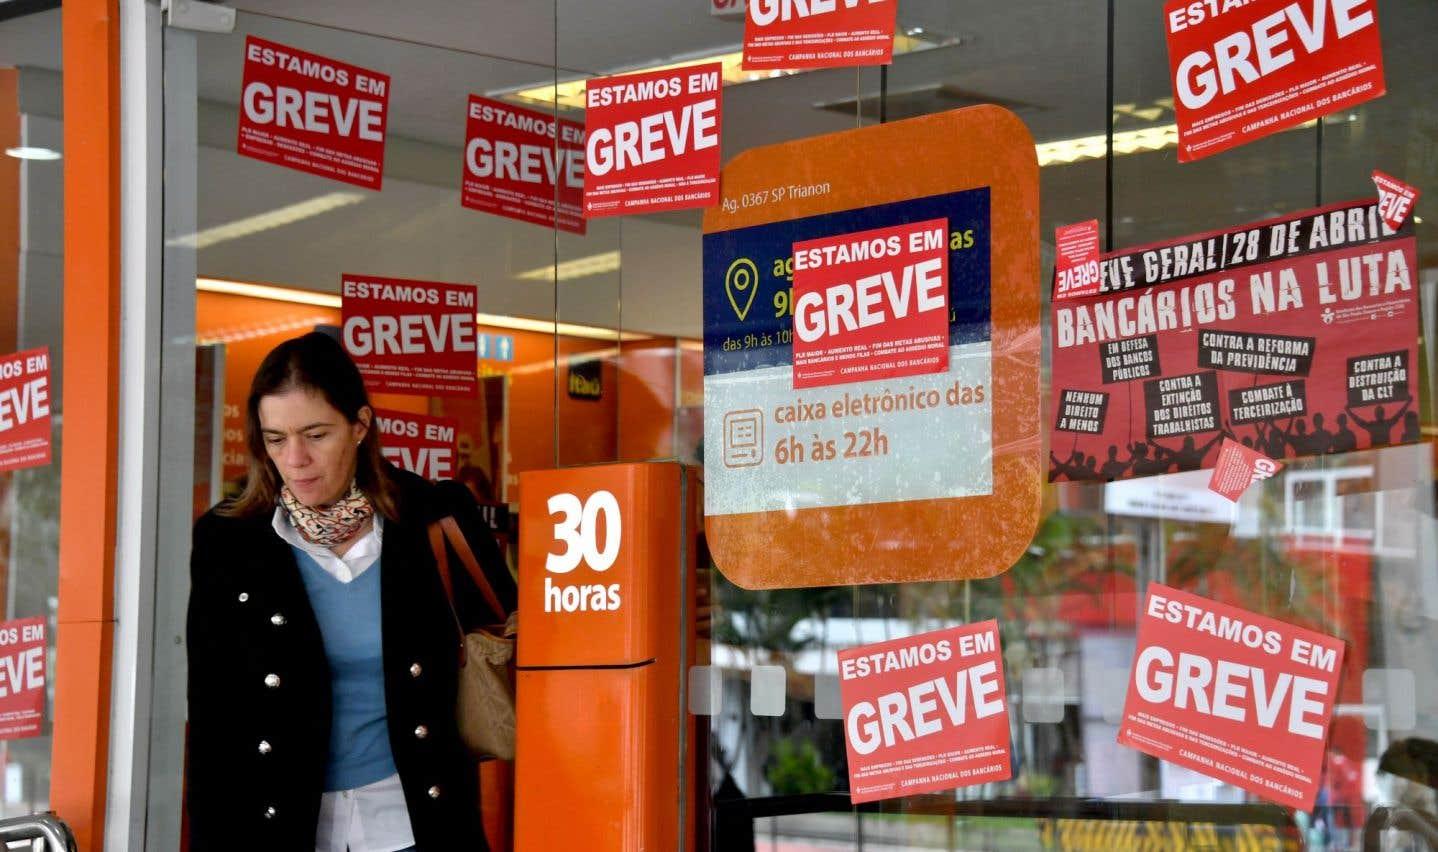 La crise au Brésil en cinq questions